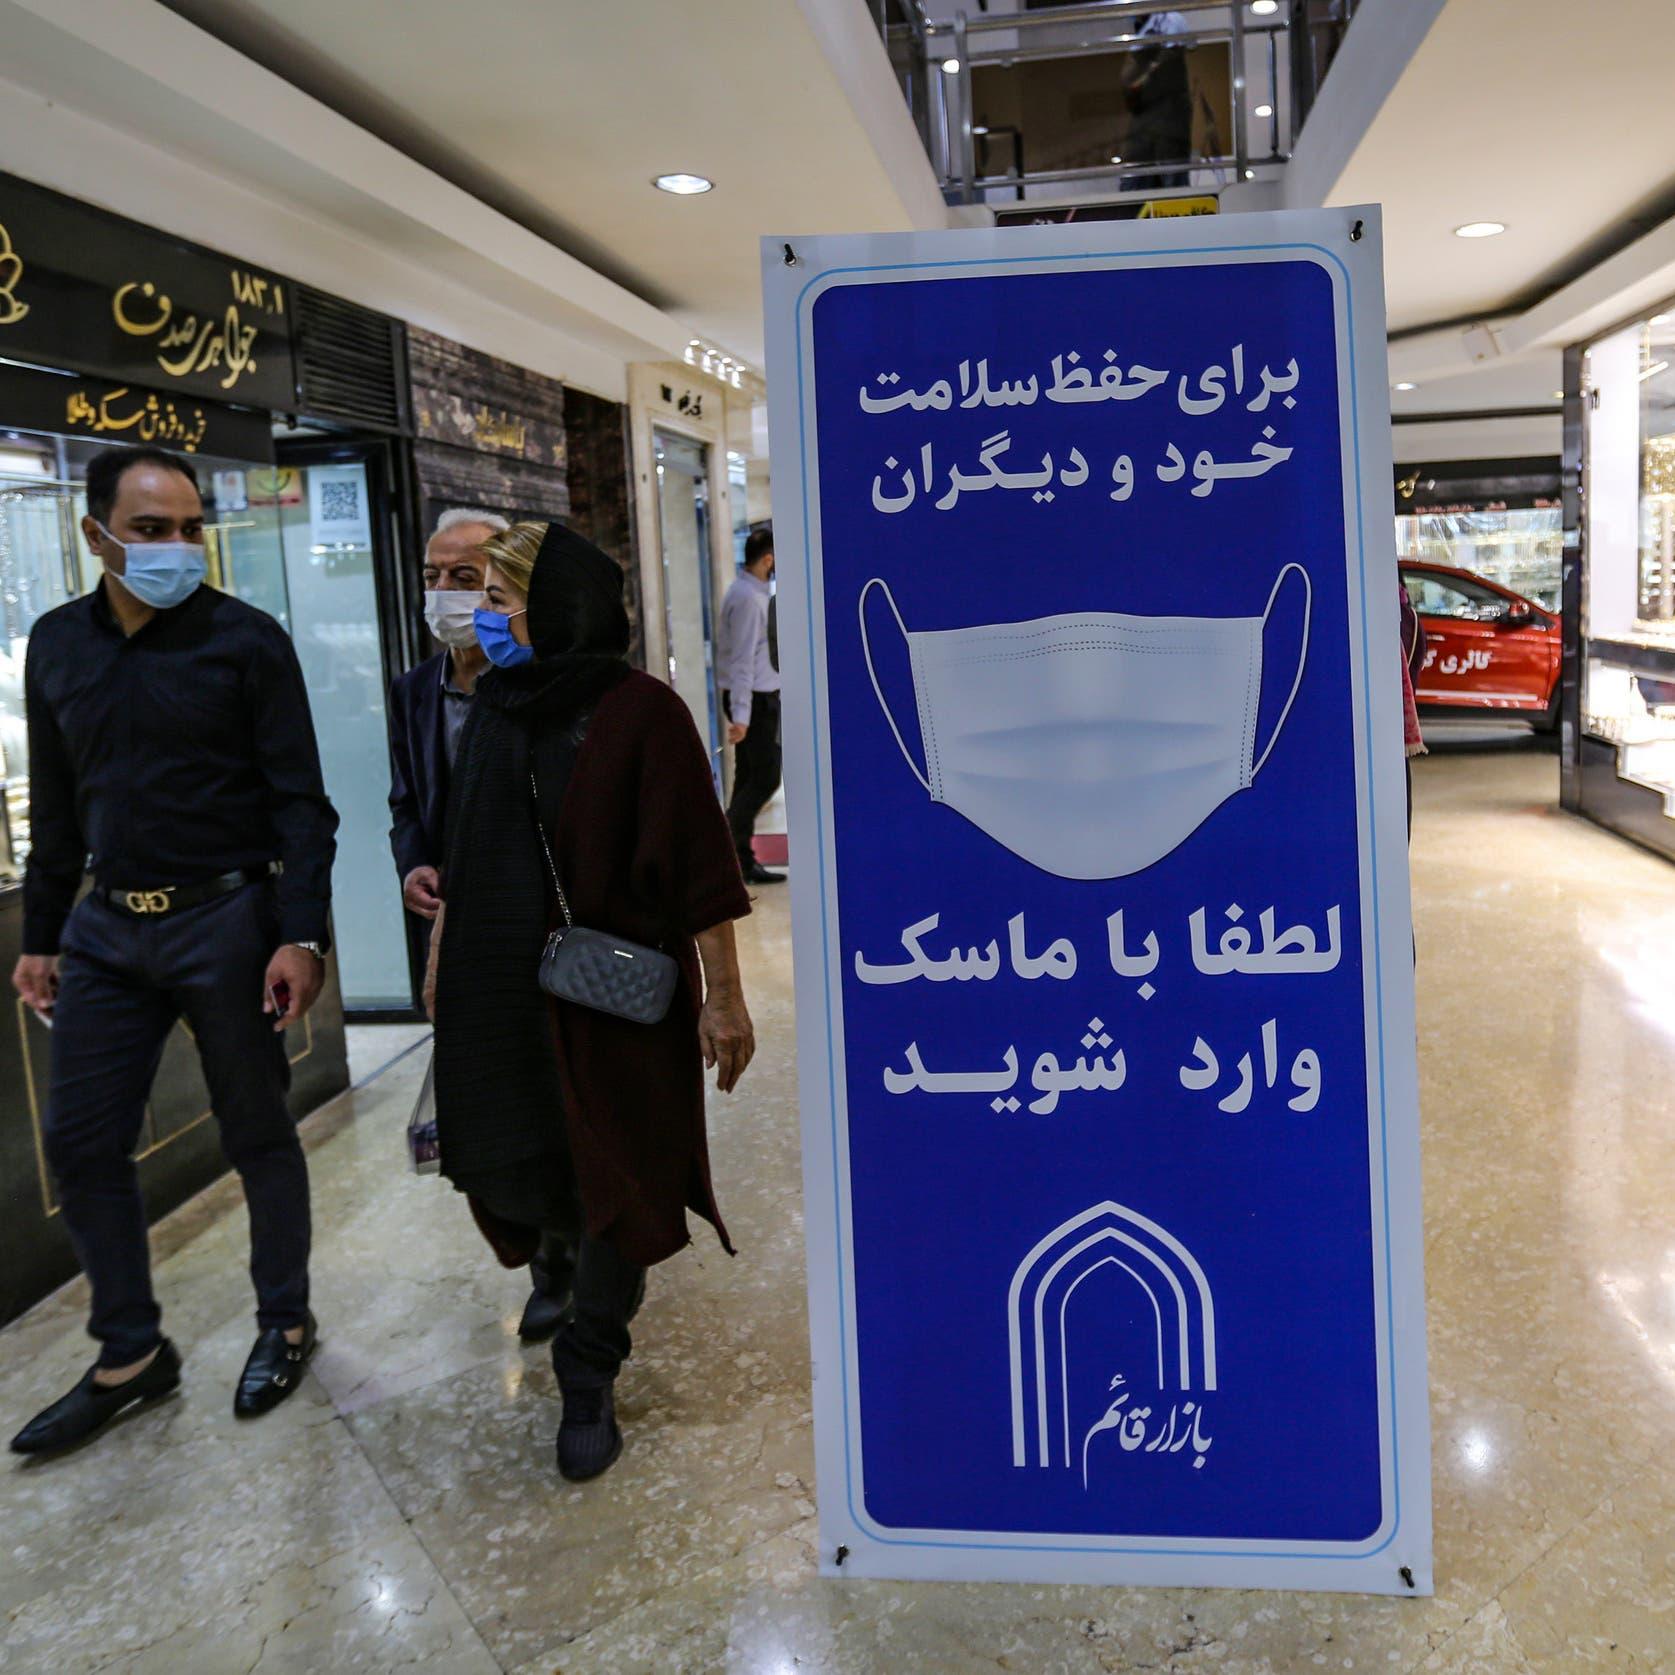 إيران تخفض ساعات العمل بسبب ازدياد ضحايا كورونا